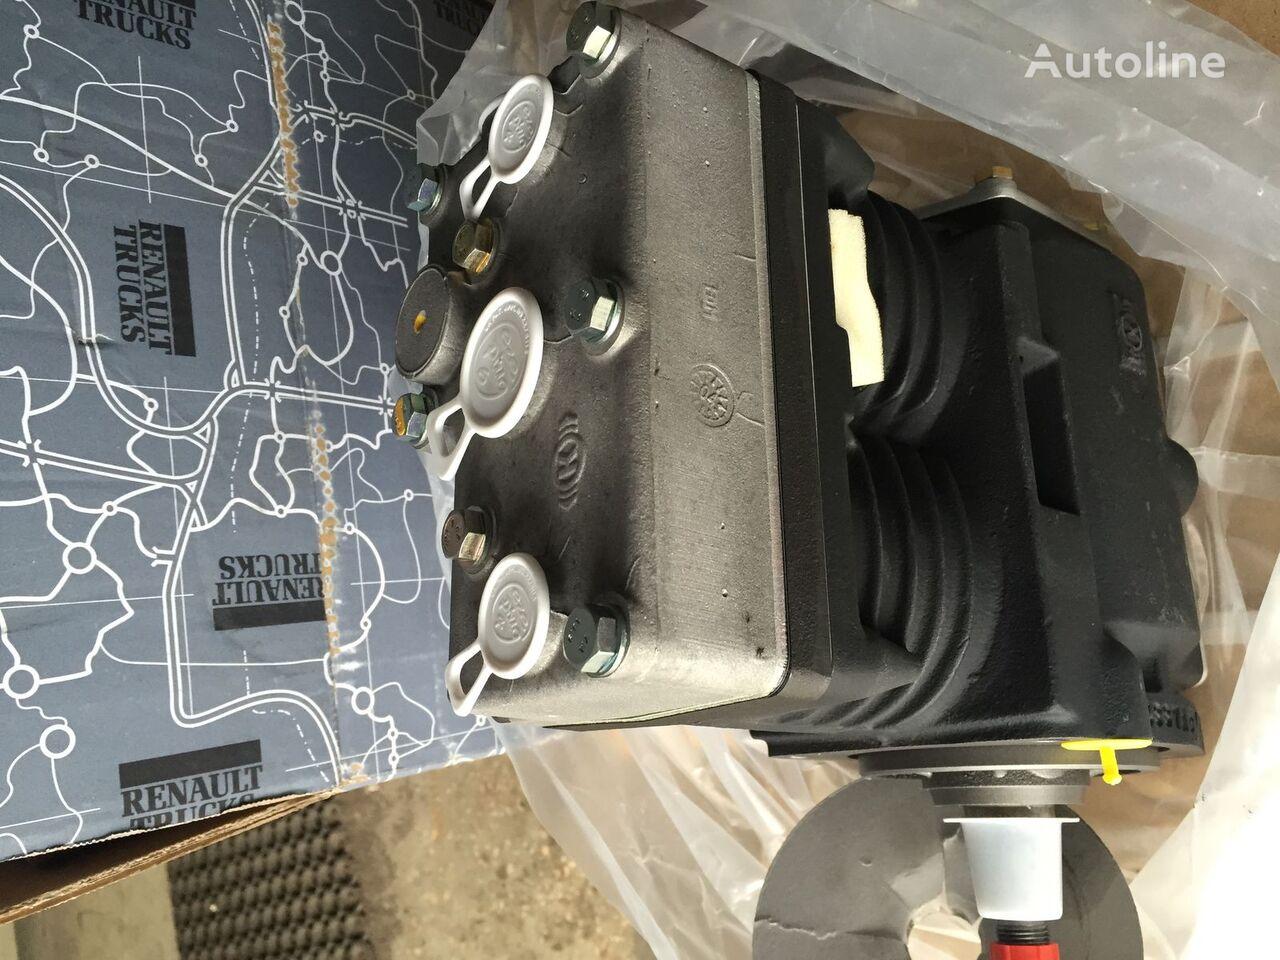 compresor neumático RENAULT original para camión RENAULT Premium DCI, Kerax DCI Magnum DCI nuevo